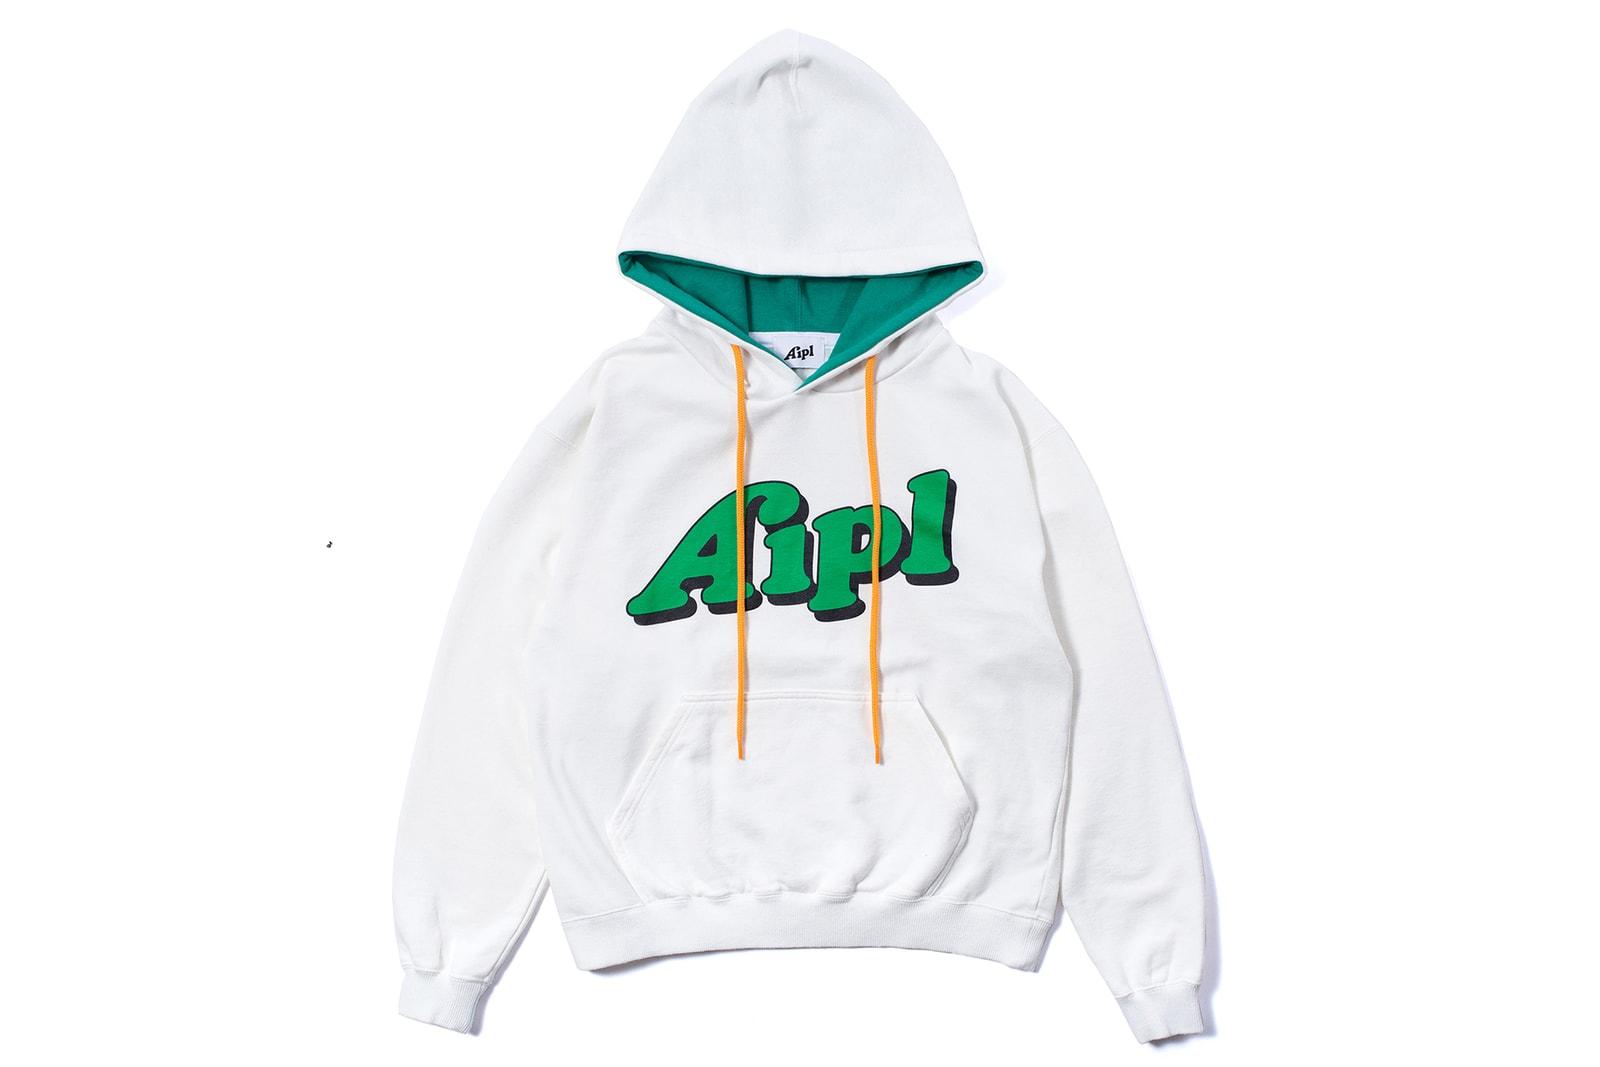 エイプル   AIPL  NUBIAN ヌビアン harajuku 原宿 ポップアップ 謎 ストリートレーベル  ブランド